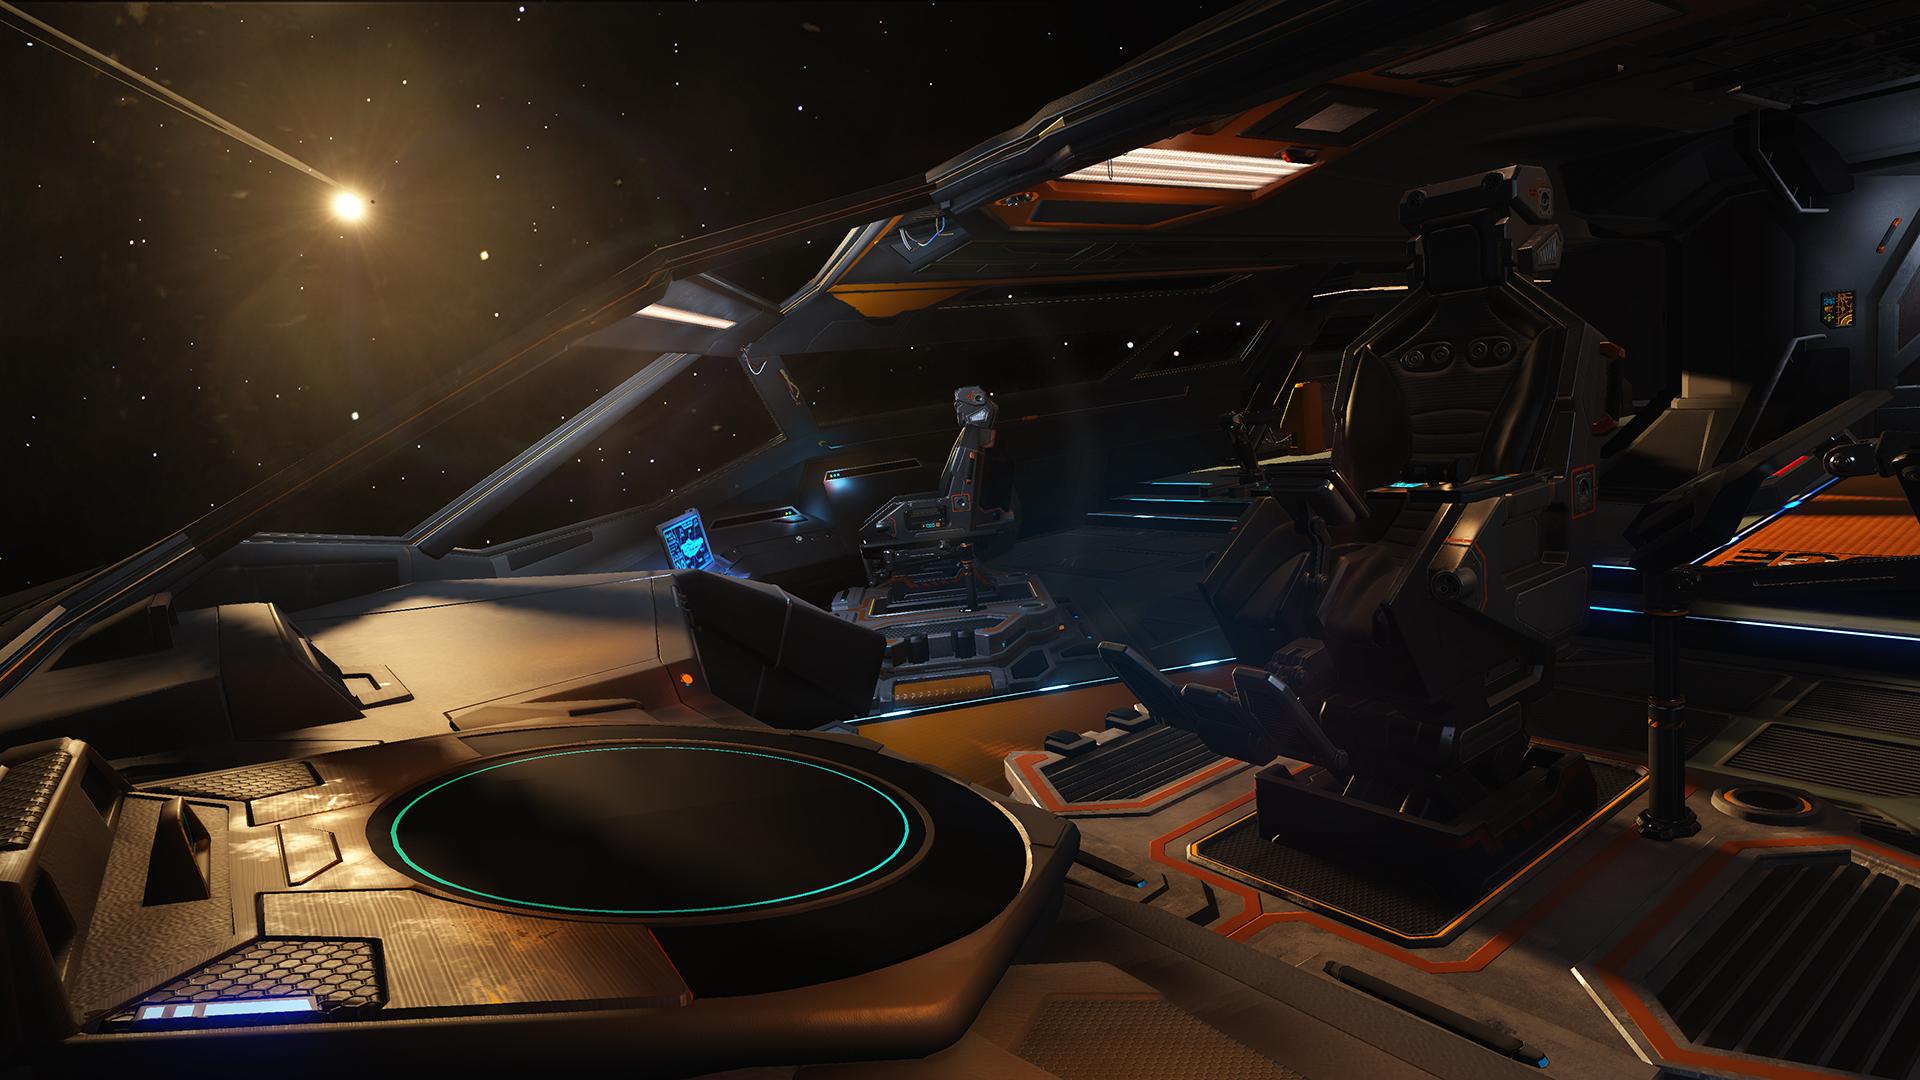 elite dangerous cockpit hd wallpaper - photo #4